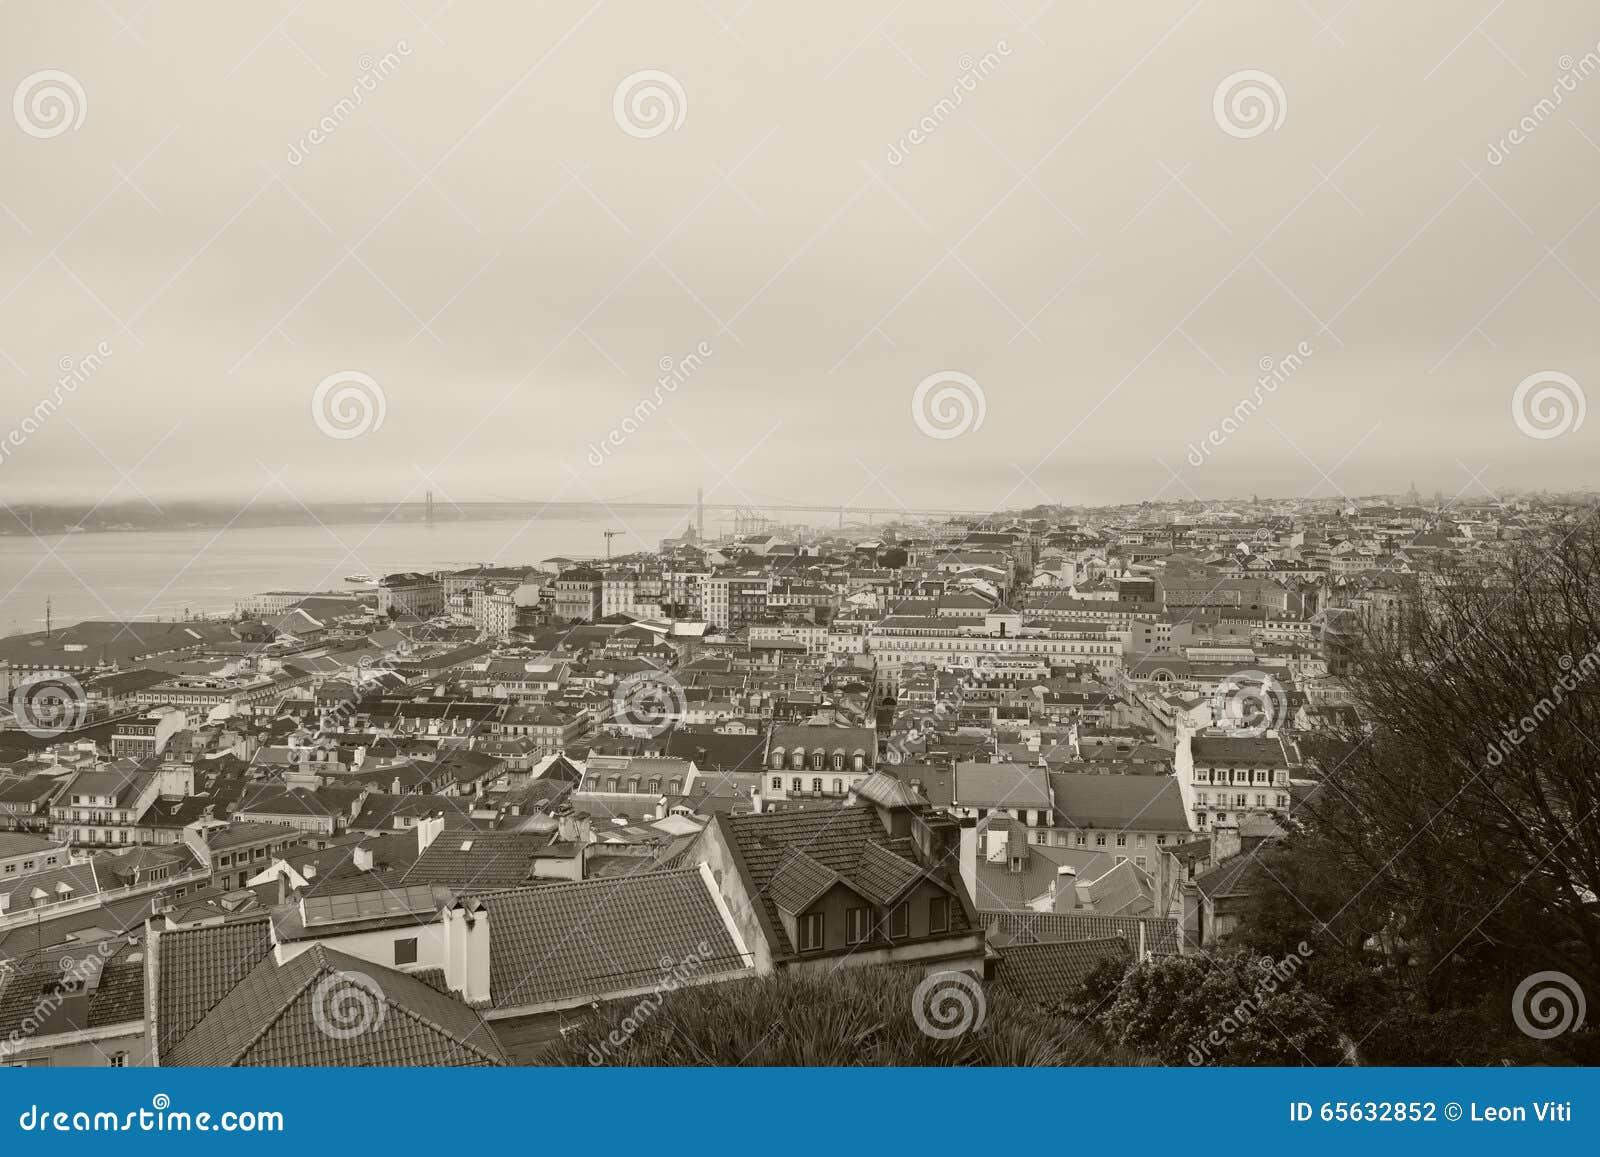 Aerielview de Lisbonne